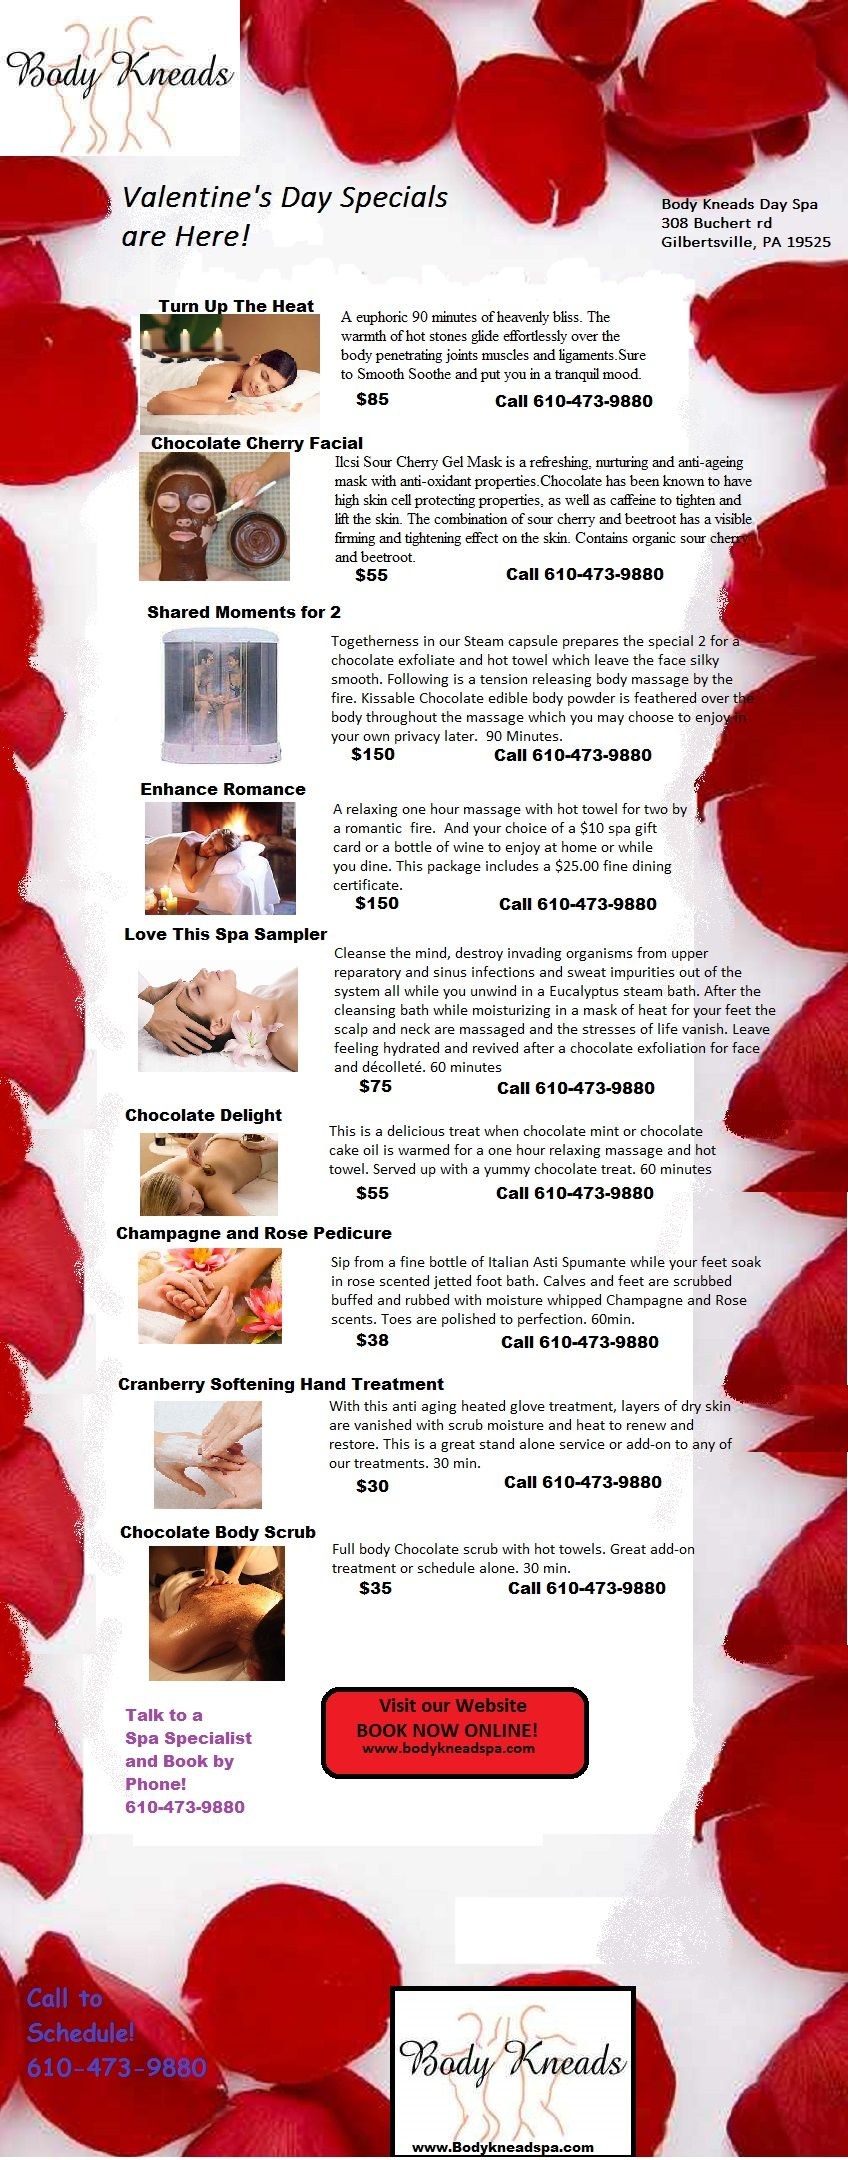 Valentine S Day Massage Specials Body Kneads Day Spa 610 473 9880 308 Buchert Rd Gilbertsville Pa 19525 Spa Specials Valentine Spa Day Spa Specials